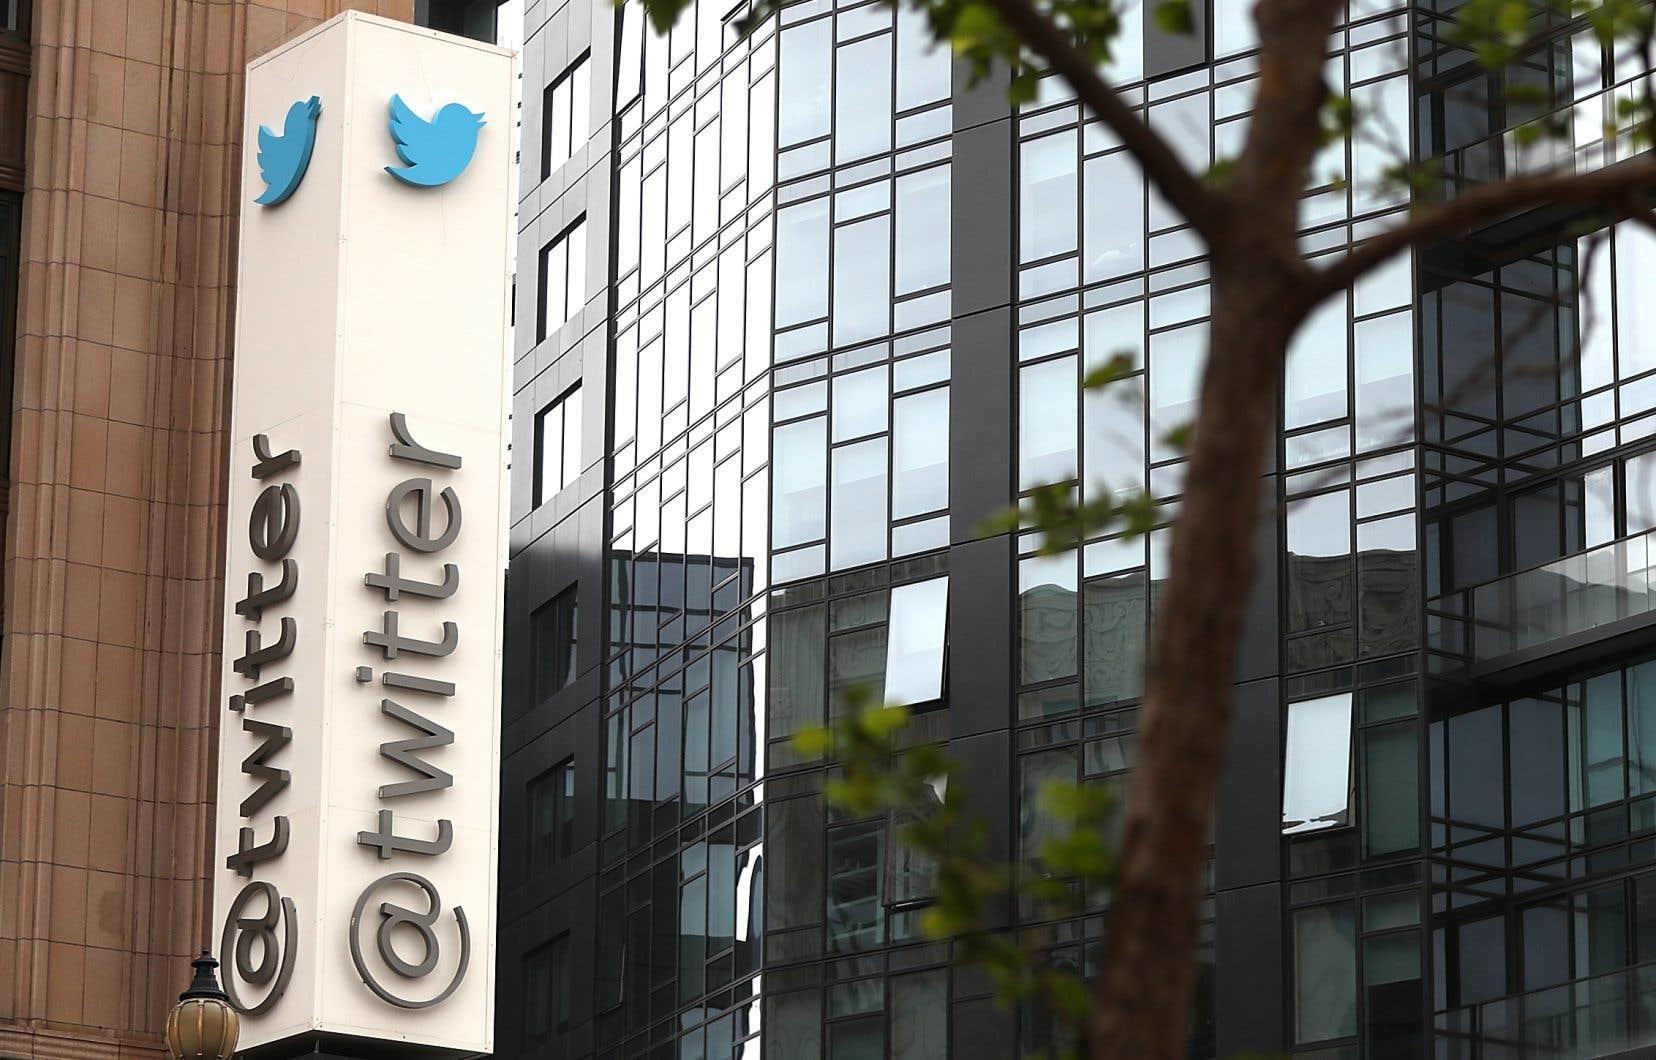 Twittera indiqué avoir «supprimé des comptes qui tentaient de faire passer de fausses informations de façon automatique — en violation de nos règles».